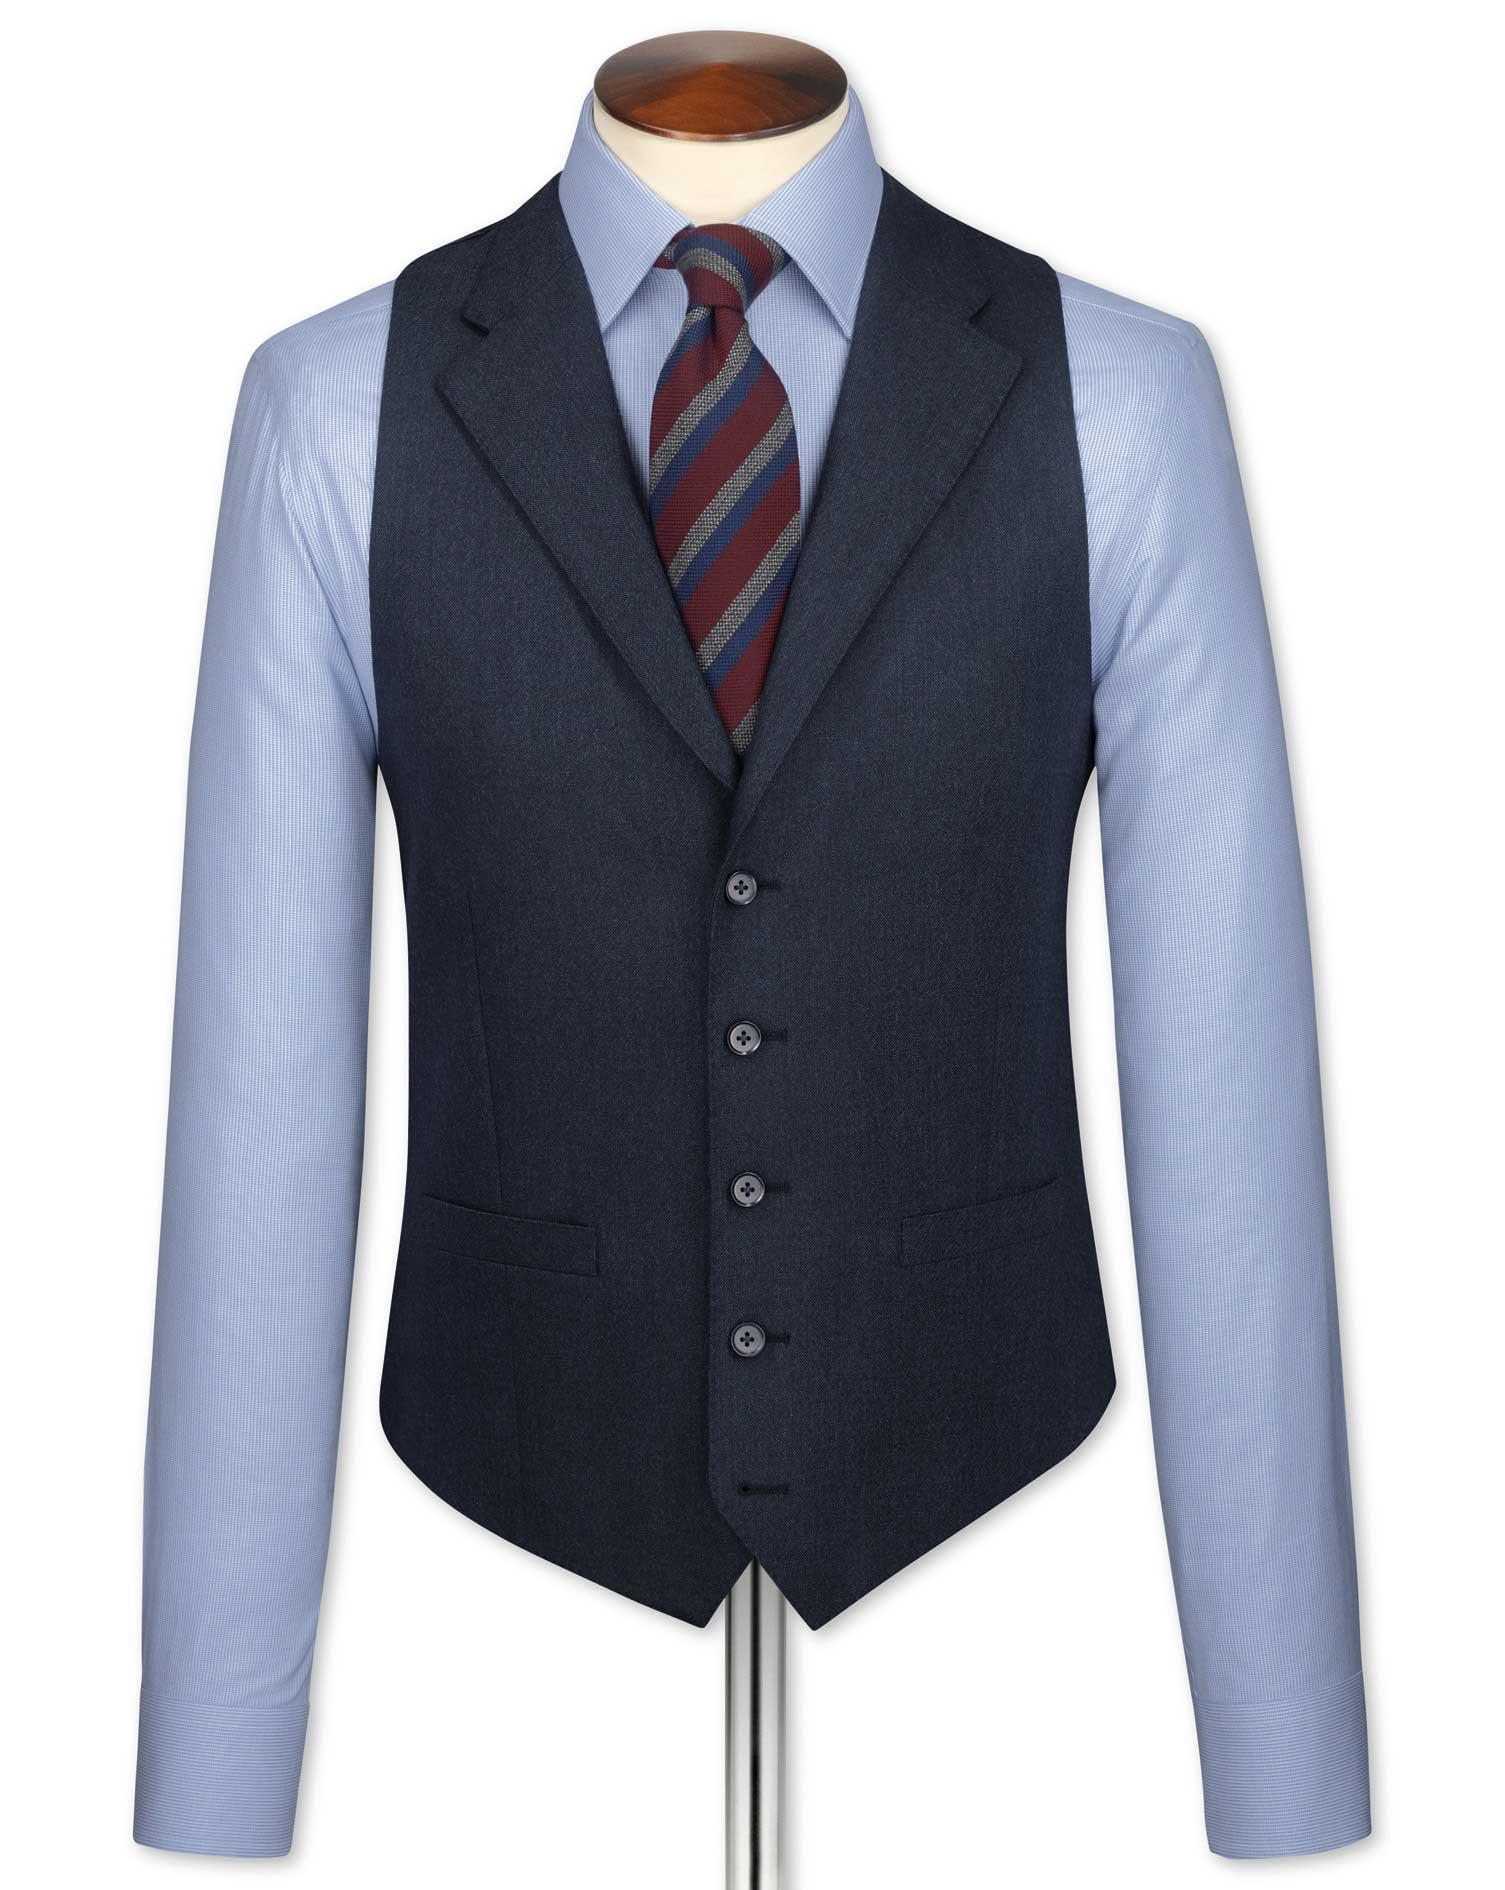 Indigo Saxony Business Suit Wool Waistcoat Size w42 by Charles Tyrwhitt